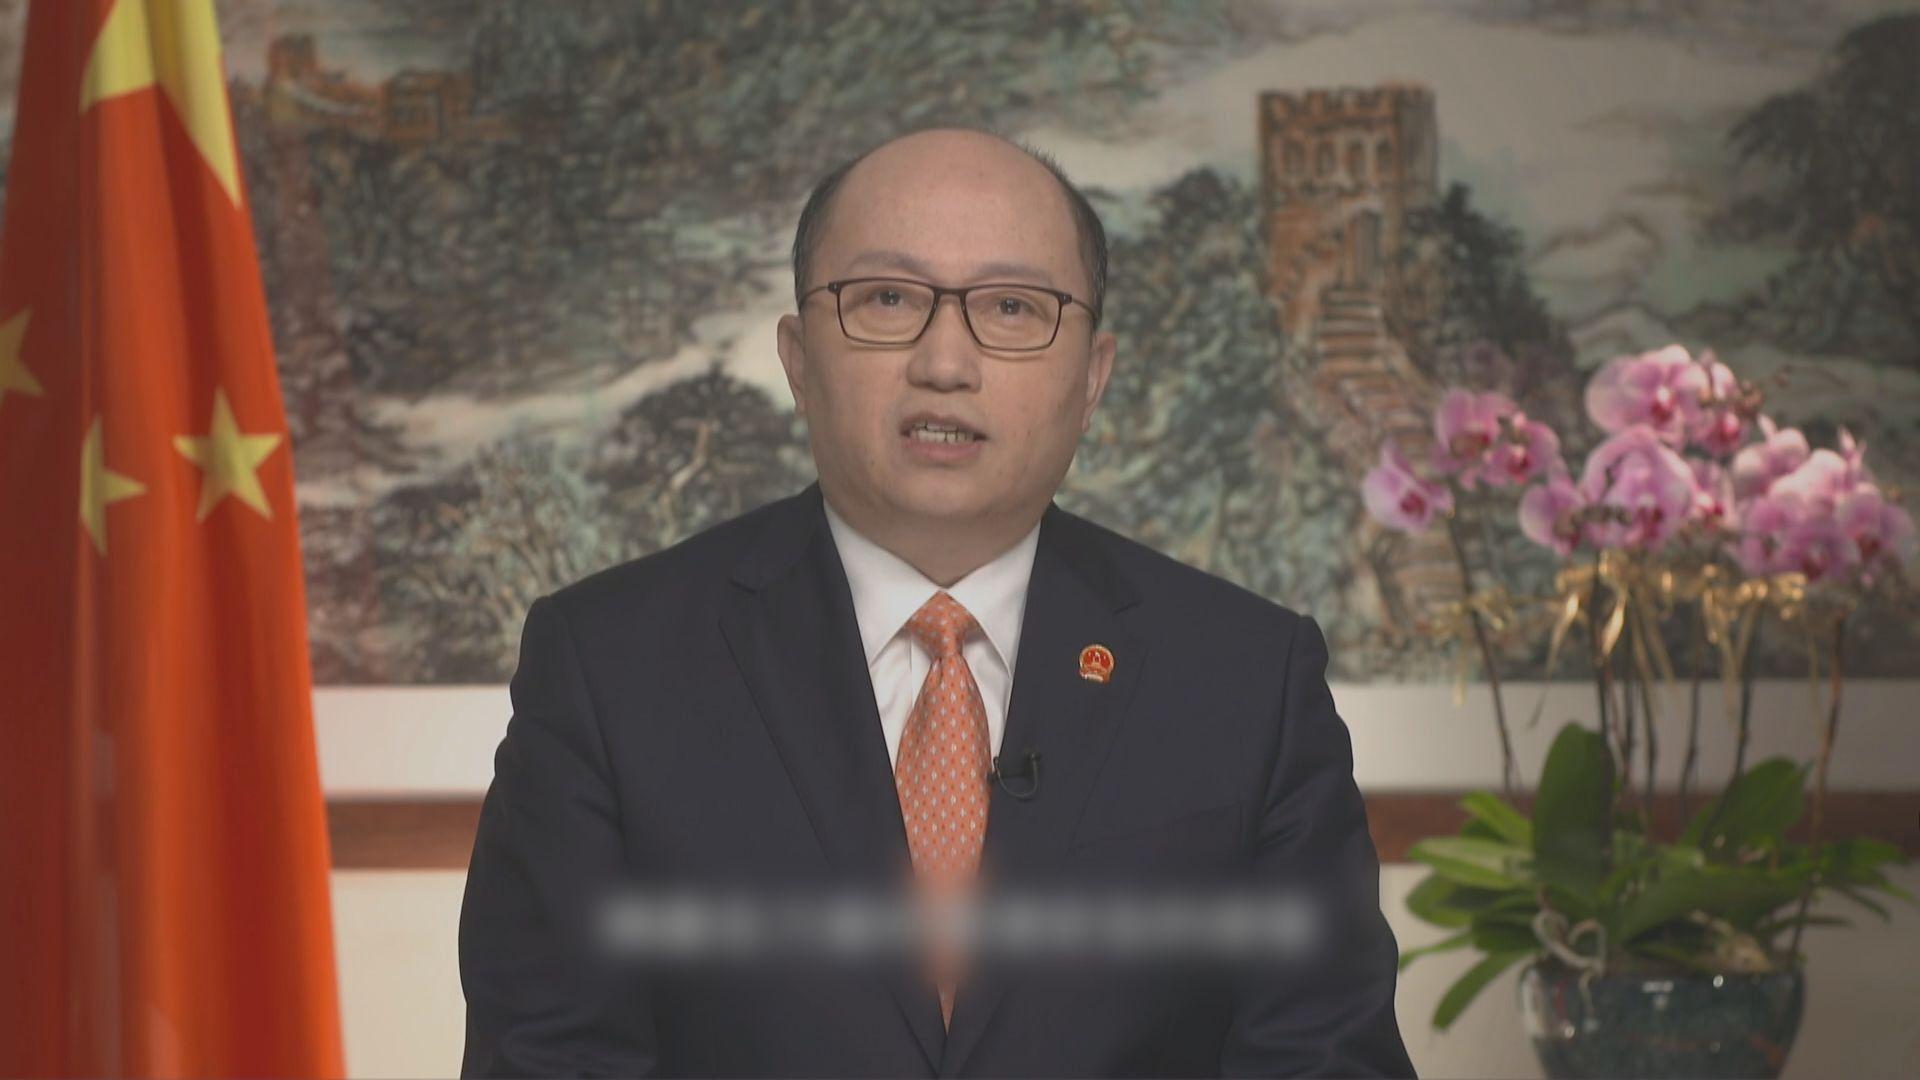 鄭雁雄:駐港國安公署是國家安全的「守門人」